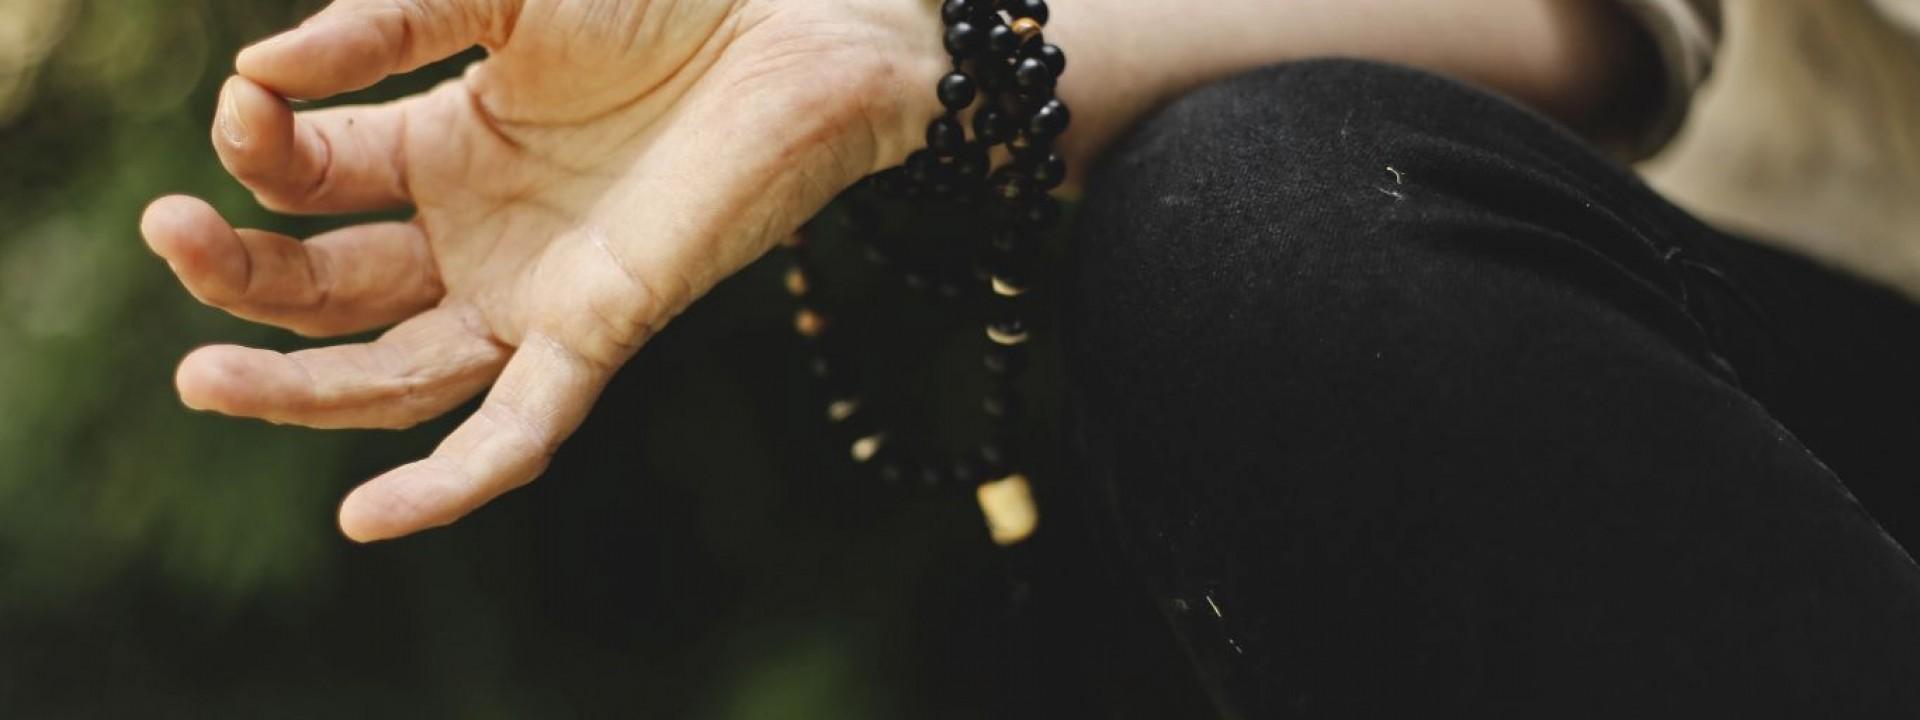 Prática de meditação por apps